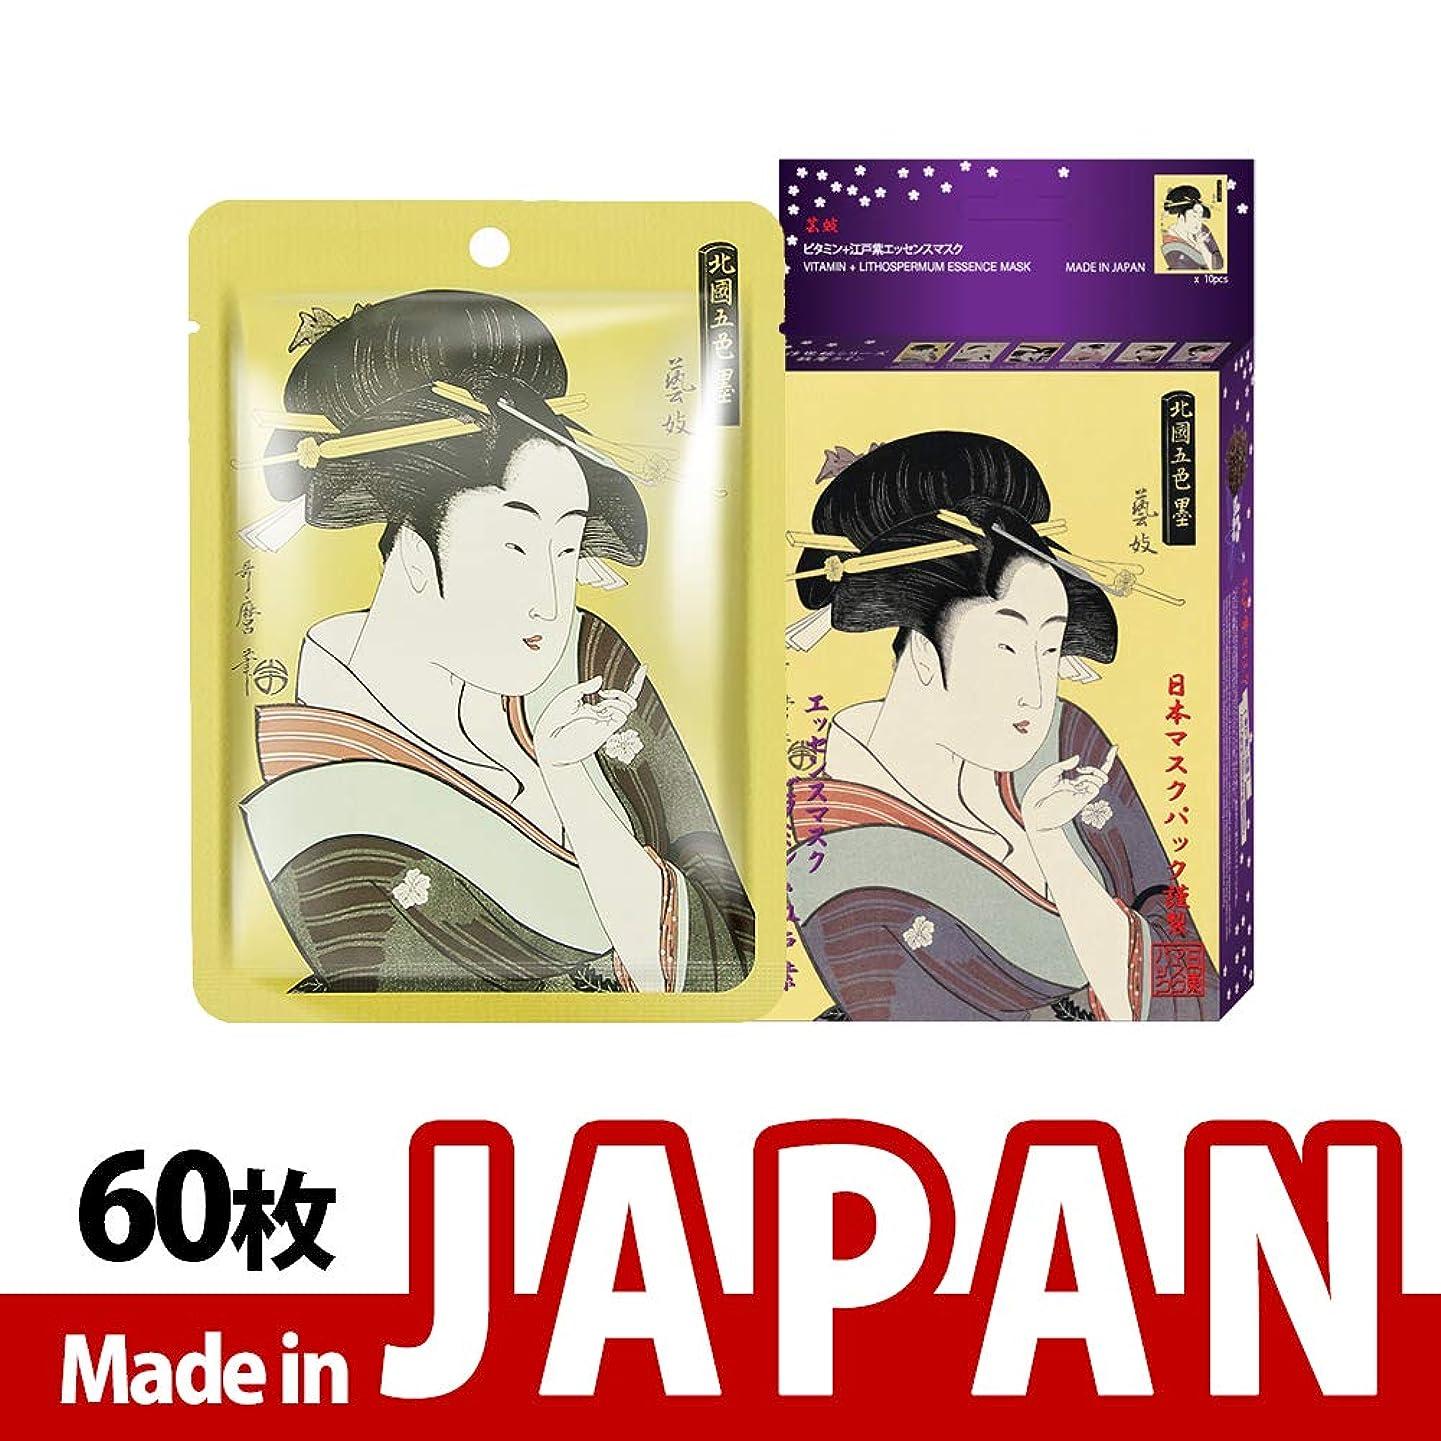 不規則性ビルダー扇動MITOMO【JP002-A-5】日本製シートマスク/10枚入り/60枚/美容液/マスクパック/送料無料